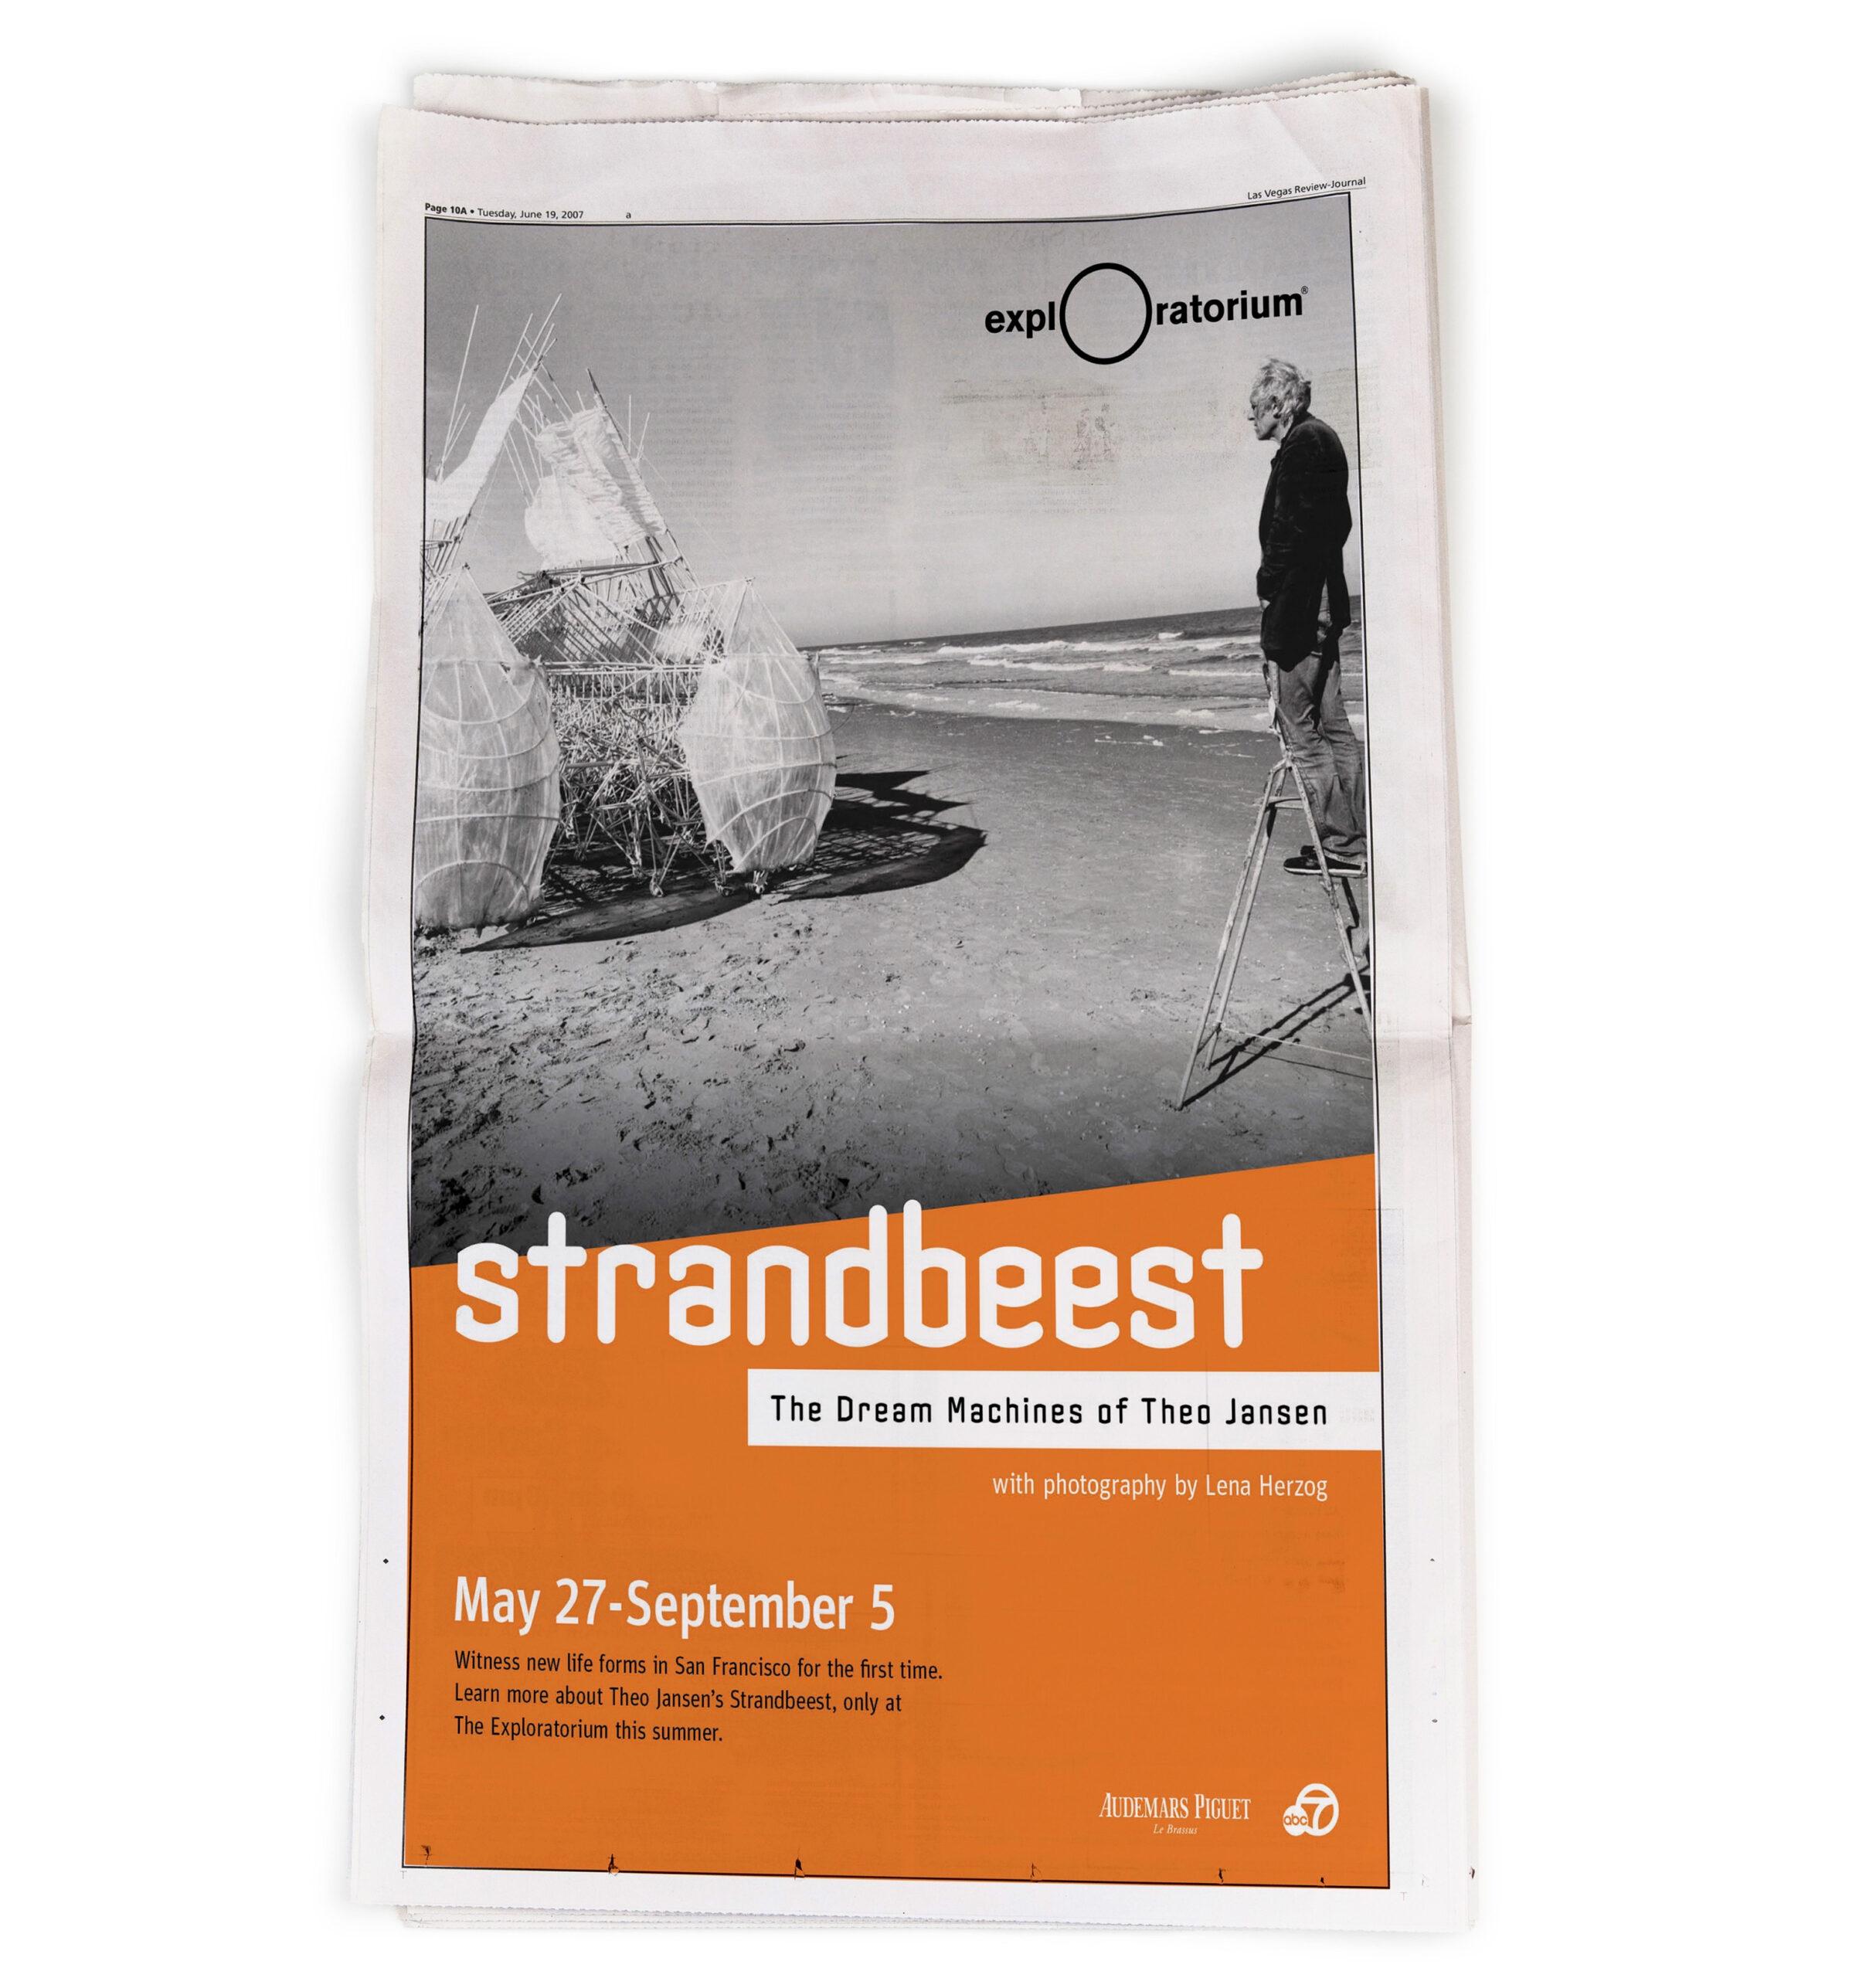 Exploratorium Strandbeest newspaper ad